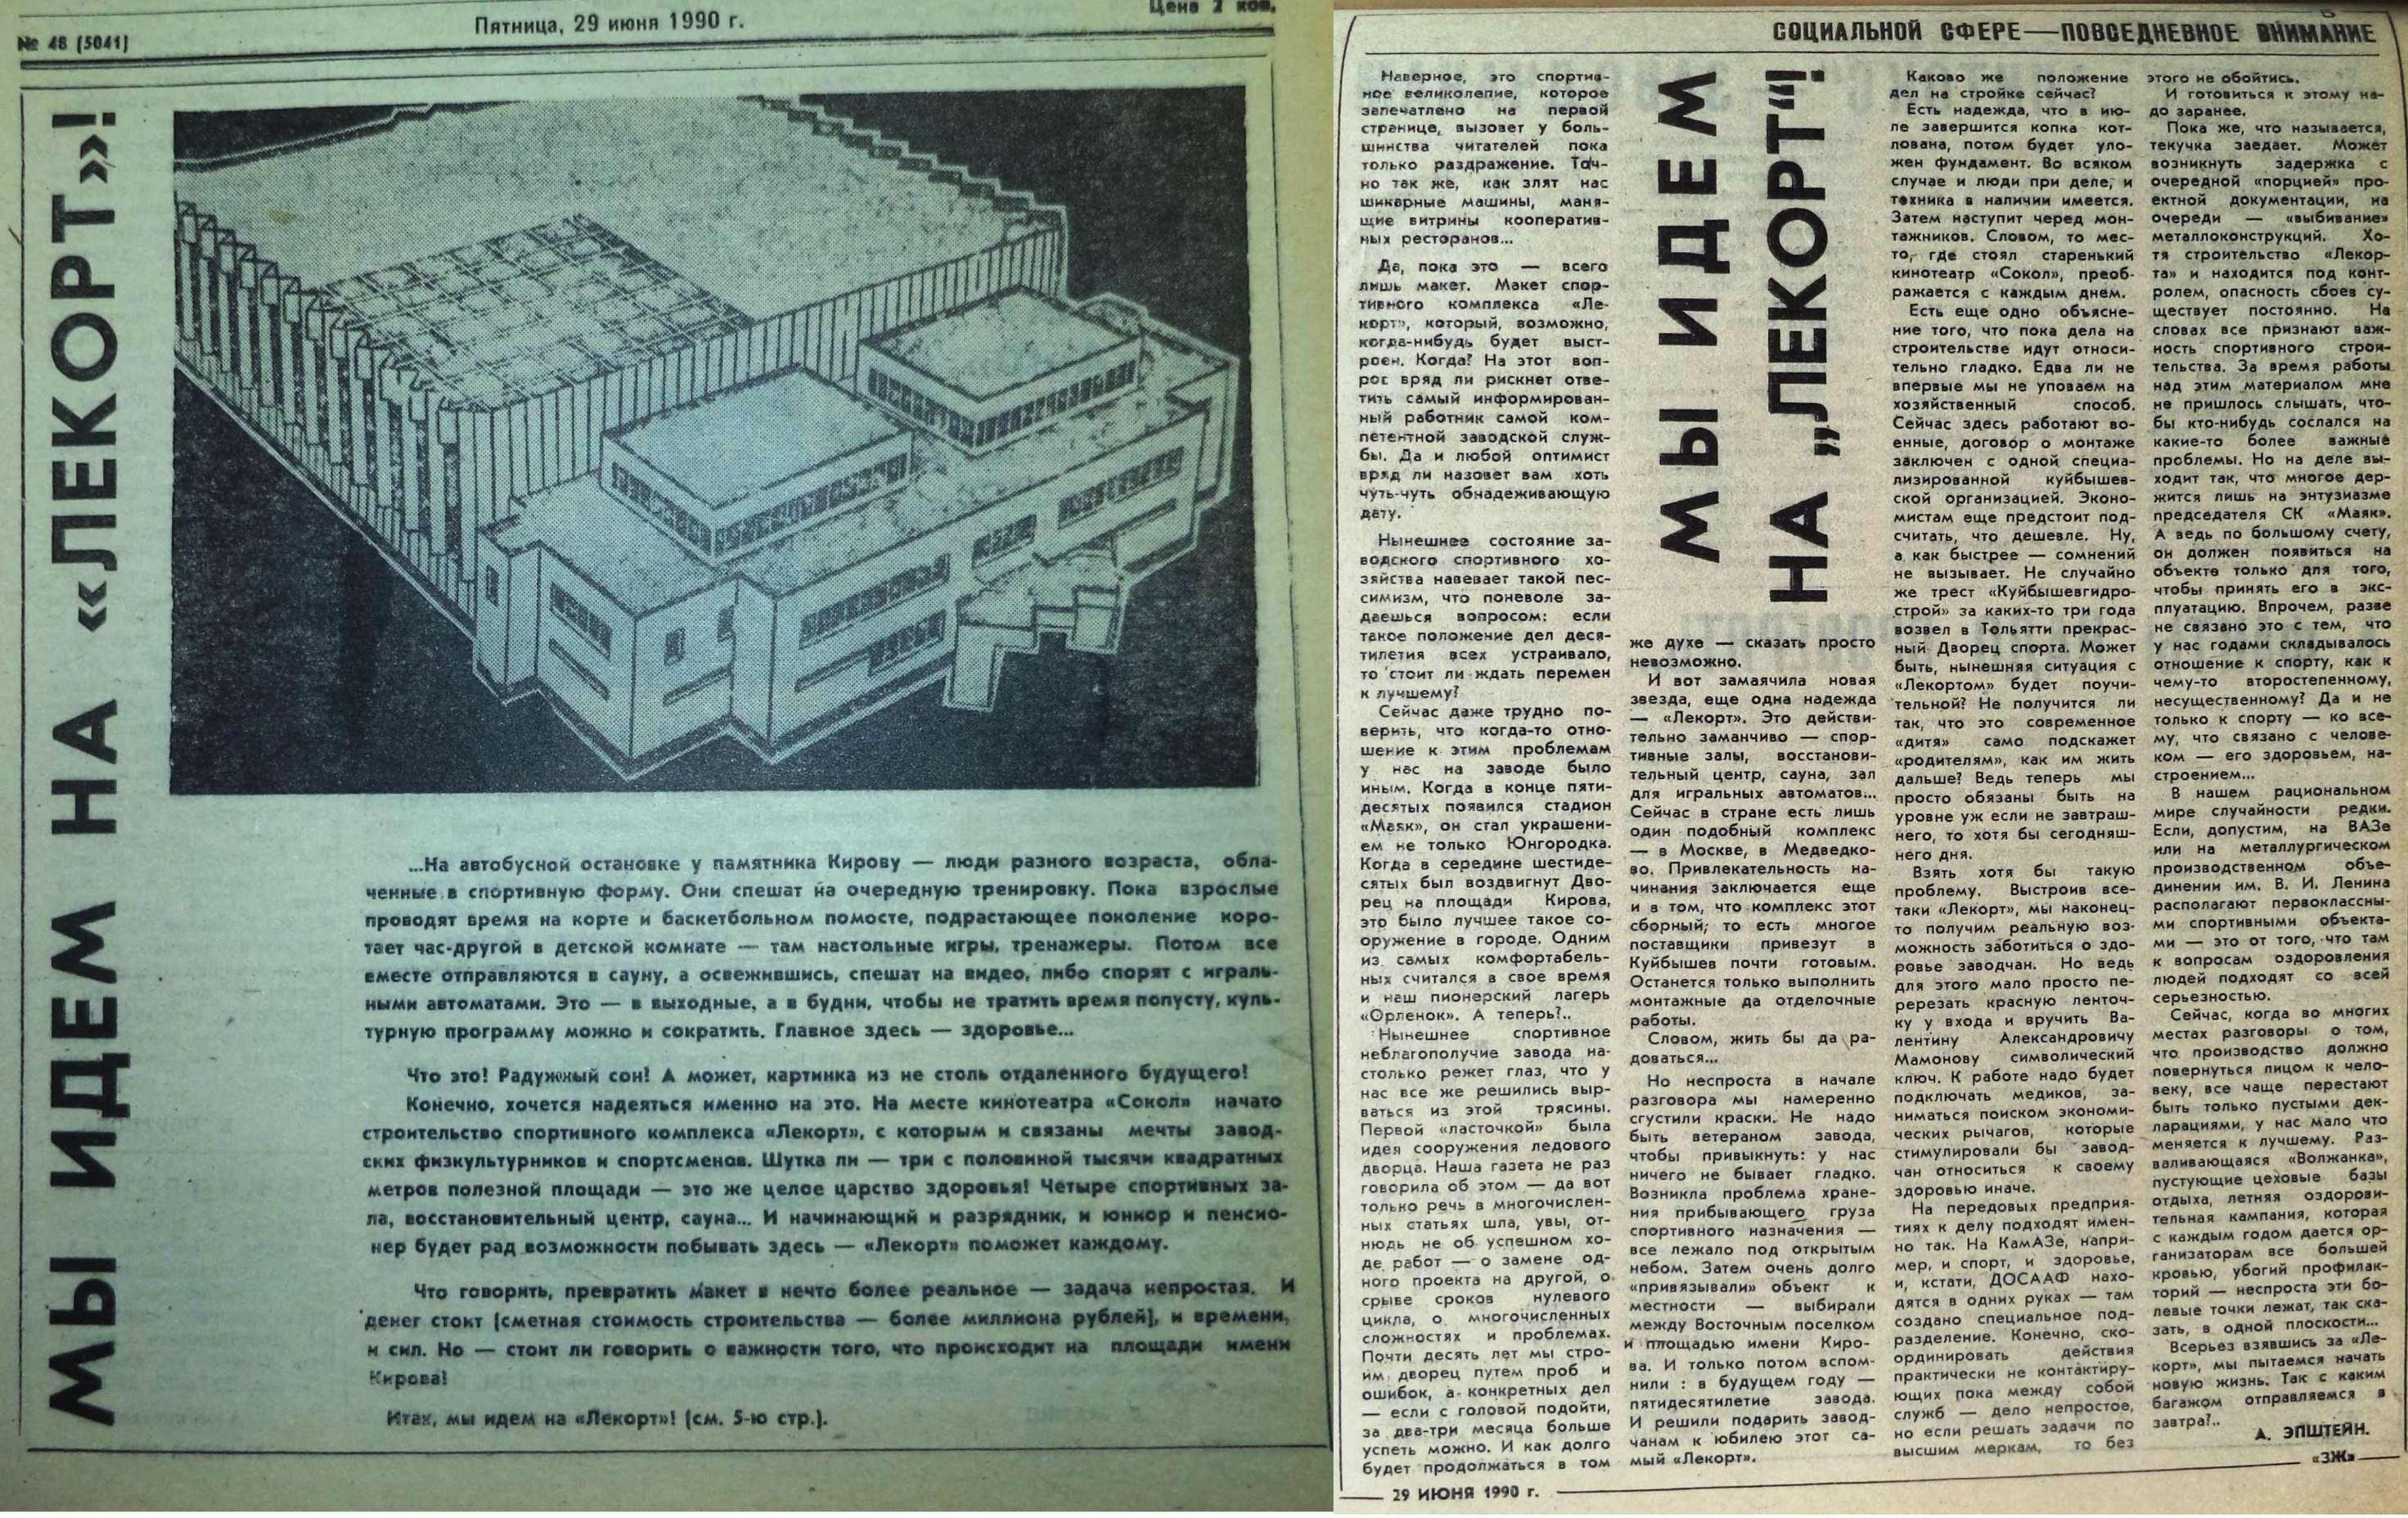 Zavodskaya_zhizn-1990-29_iyunya-1-min-min